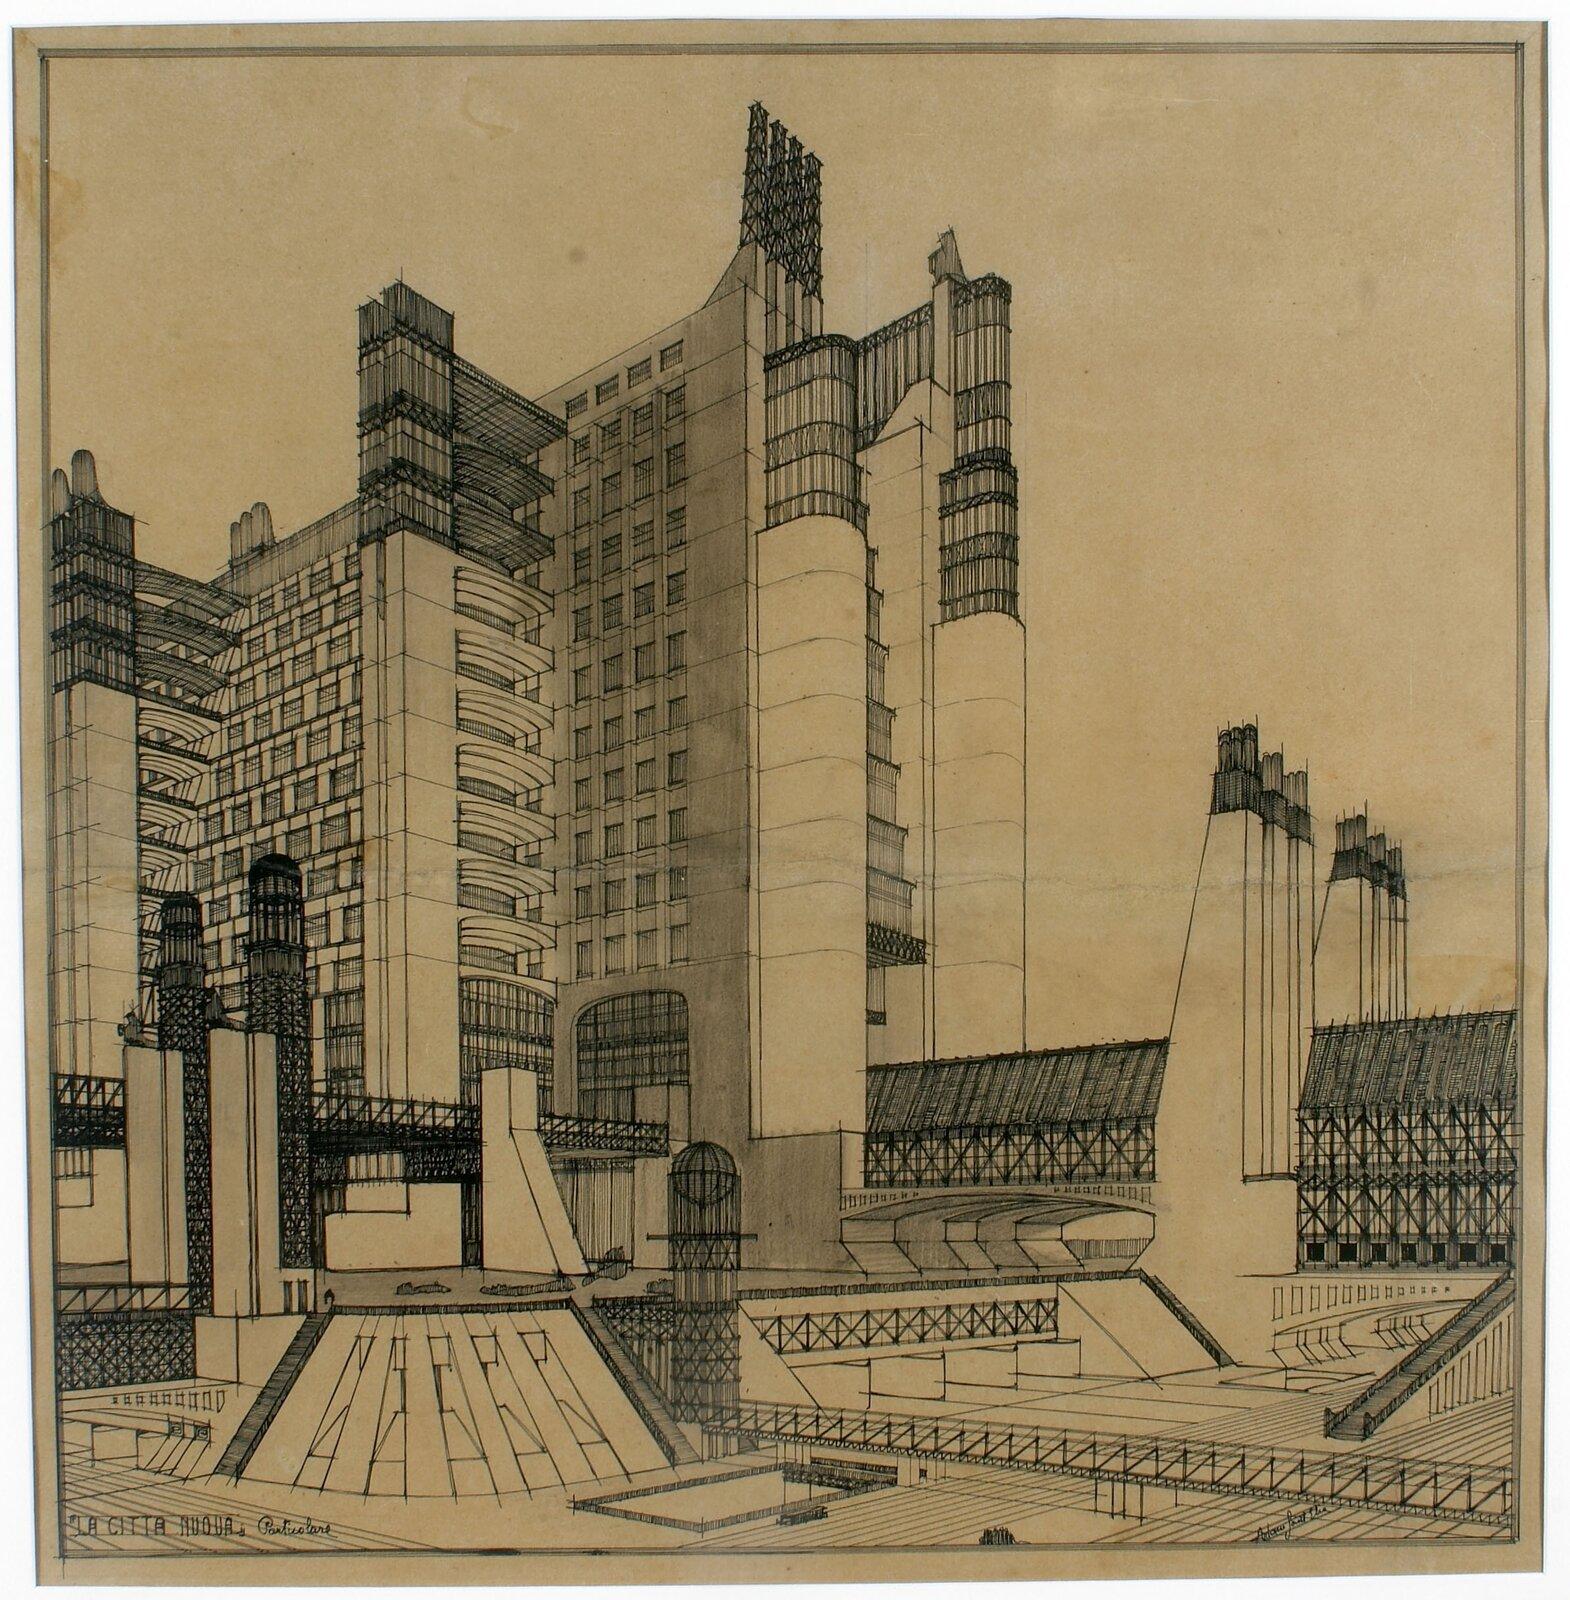 Przykład architektury futurystycznej, projekt Antonia Sant'Elii Źródło: TintoMeches, Przykład architektury futurystycznej, projekt Antonia Sant'Elii , licencja: CC 0.